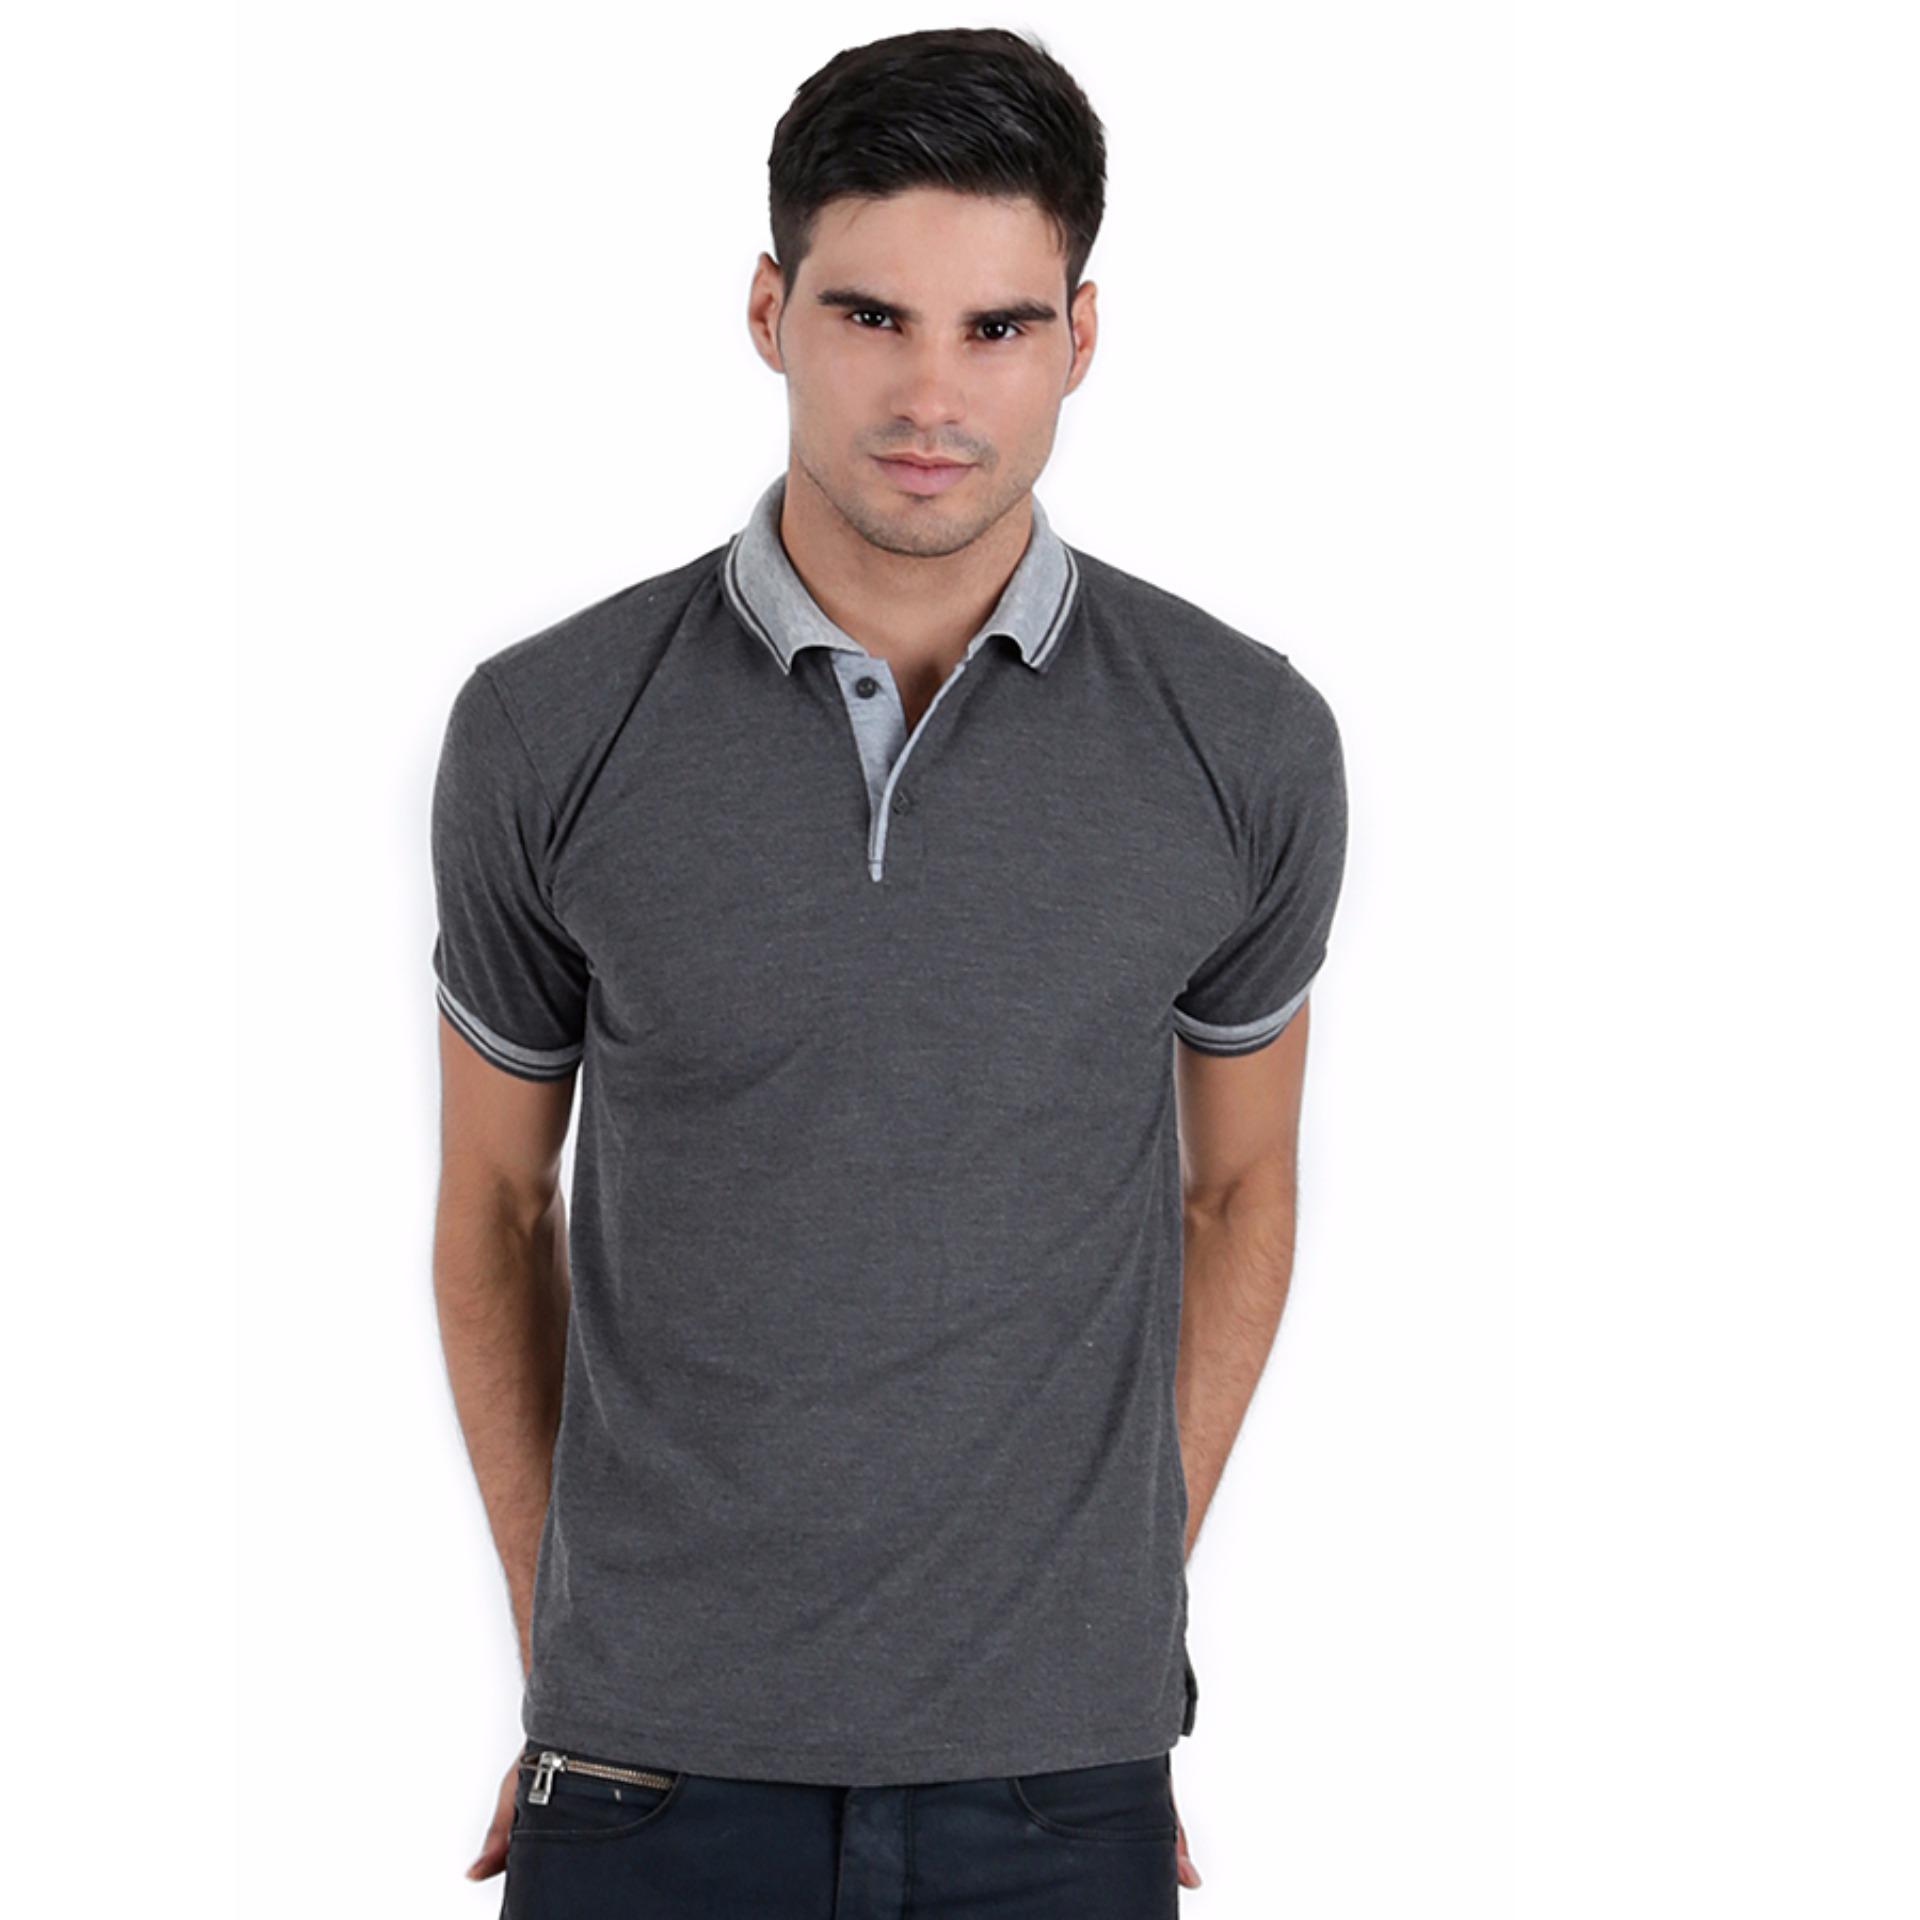 Elfs Shop - Kaos Polo Shirt Pria Baju Lakos Kerah Abu Muda 1c31bf662a